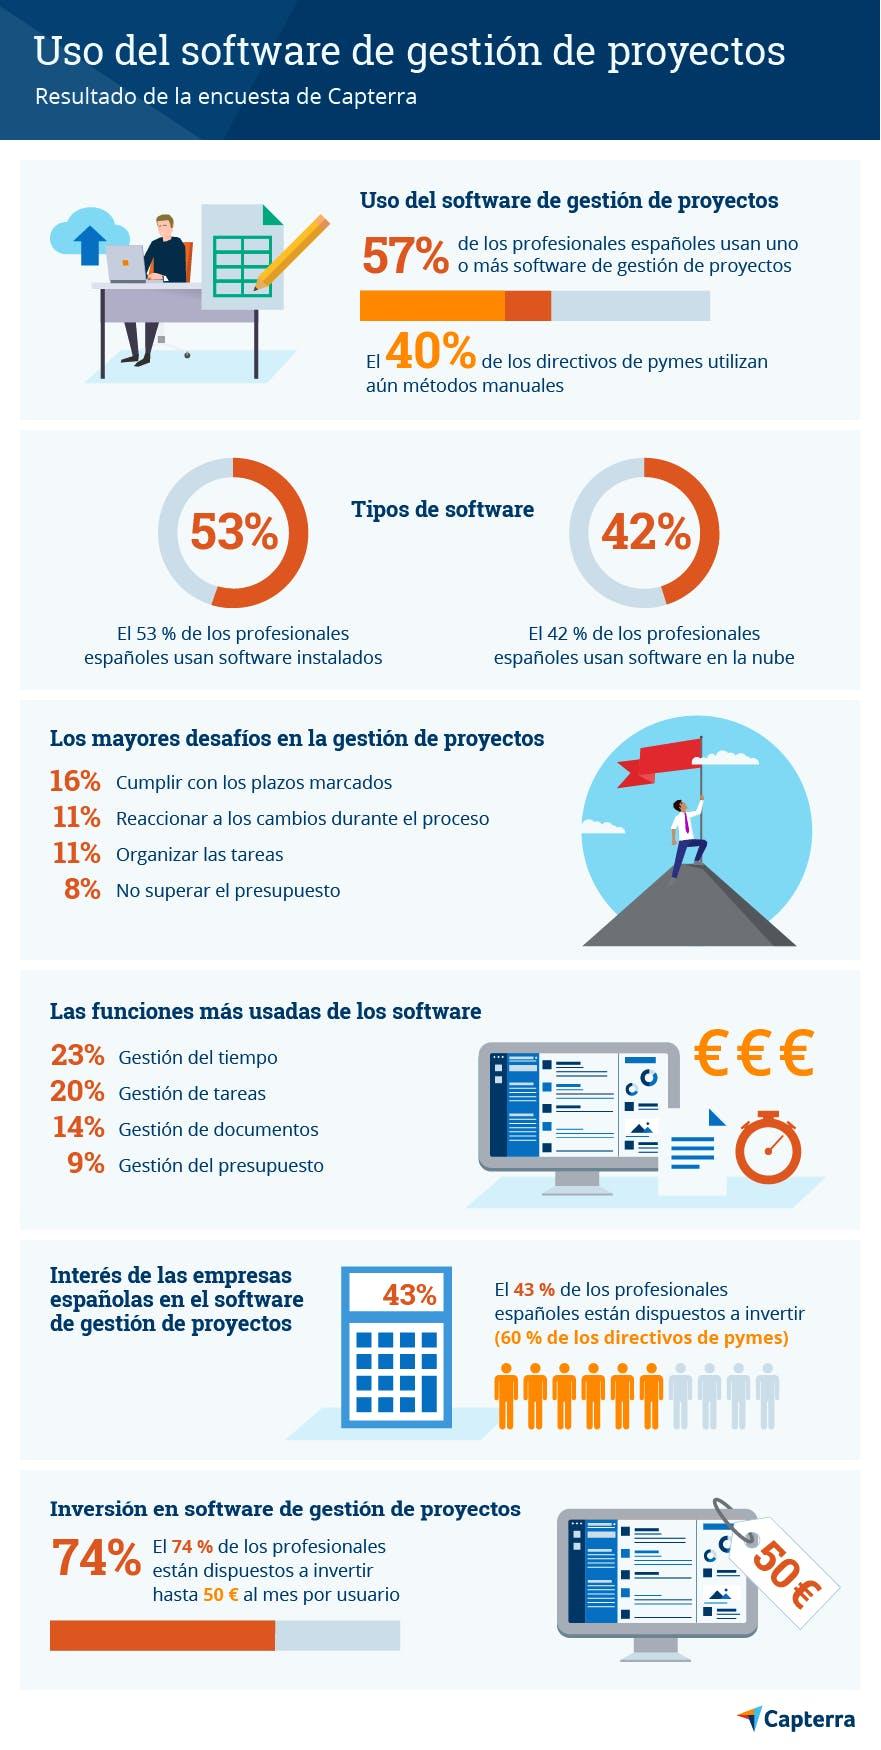 Infografía. Características de la gestión de proyectos en España.